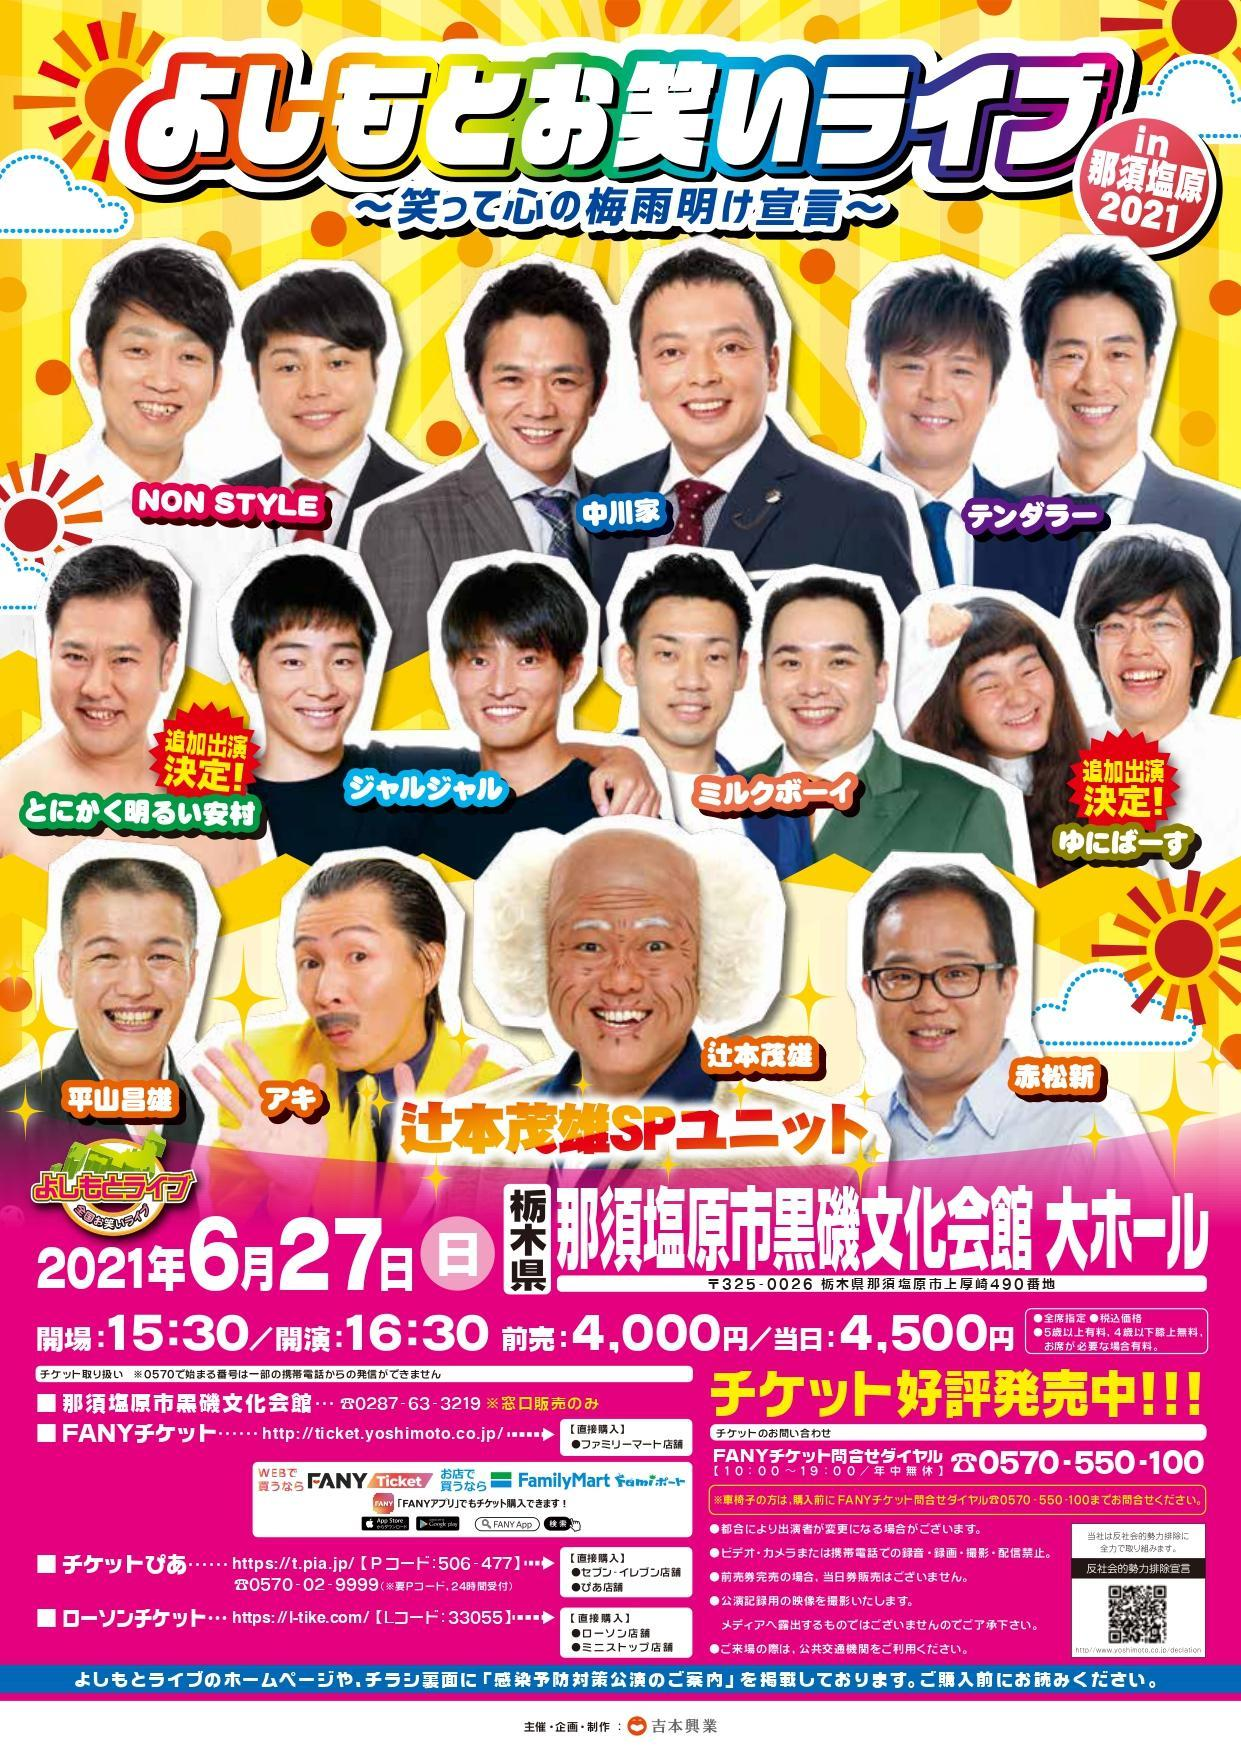 http://www.syumatsu.jp/20210609140049-65bdeb4c03823f1cde044f9cb6f2cc6e73bc8130.jpg